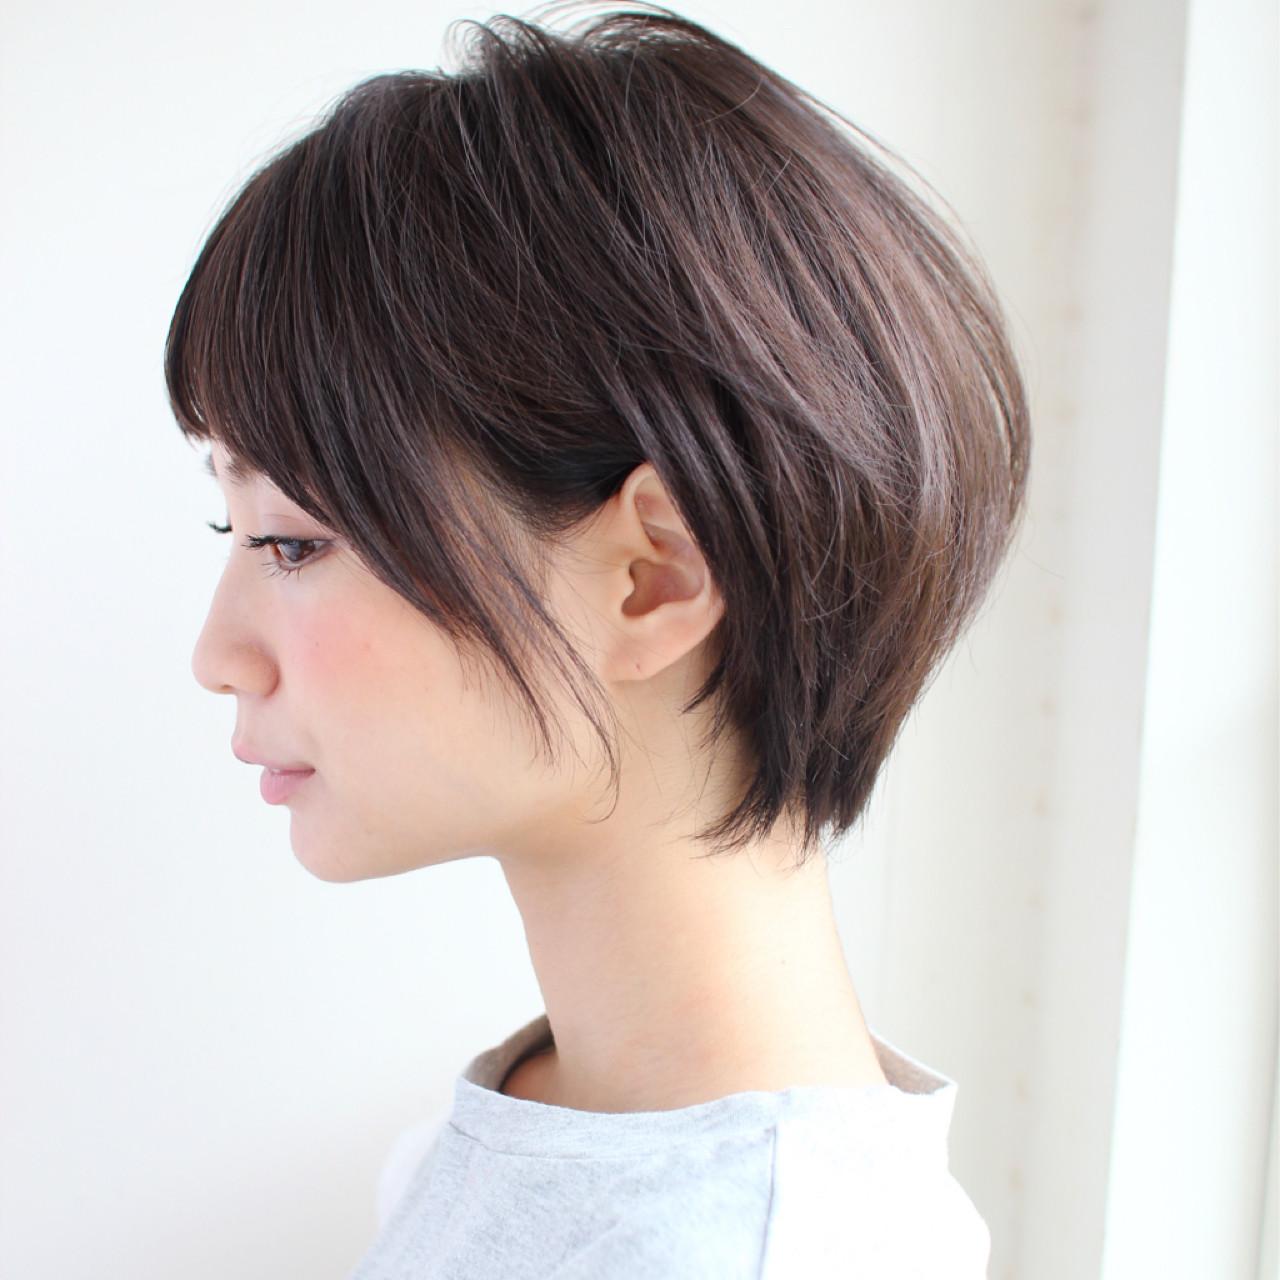 オフィス ショート ウェーブ ヘアアレンジ ヘアスタイルや髪型の写真・画像 | 宮崎えりな KAYAK by HONEY / KAYAK by HONEY